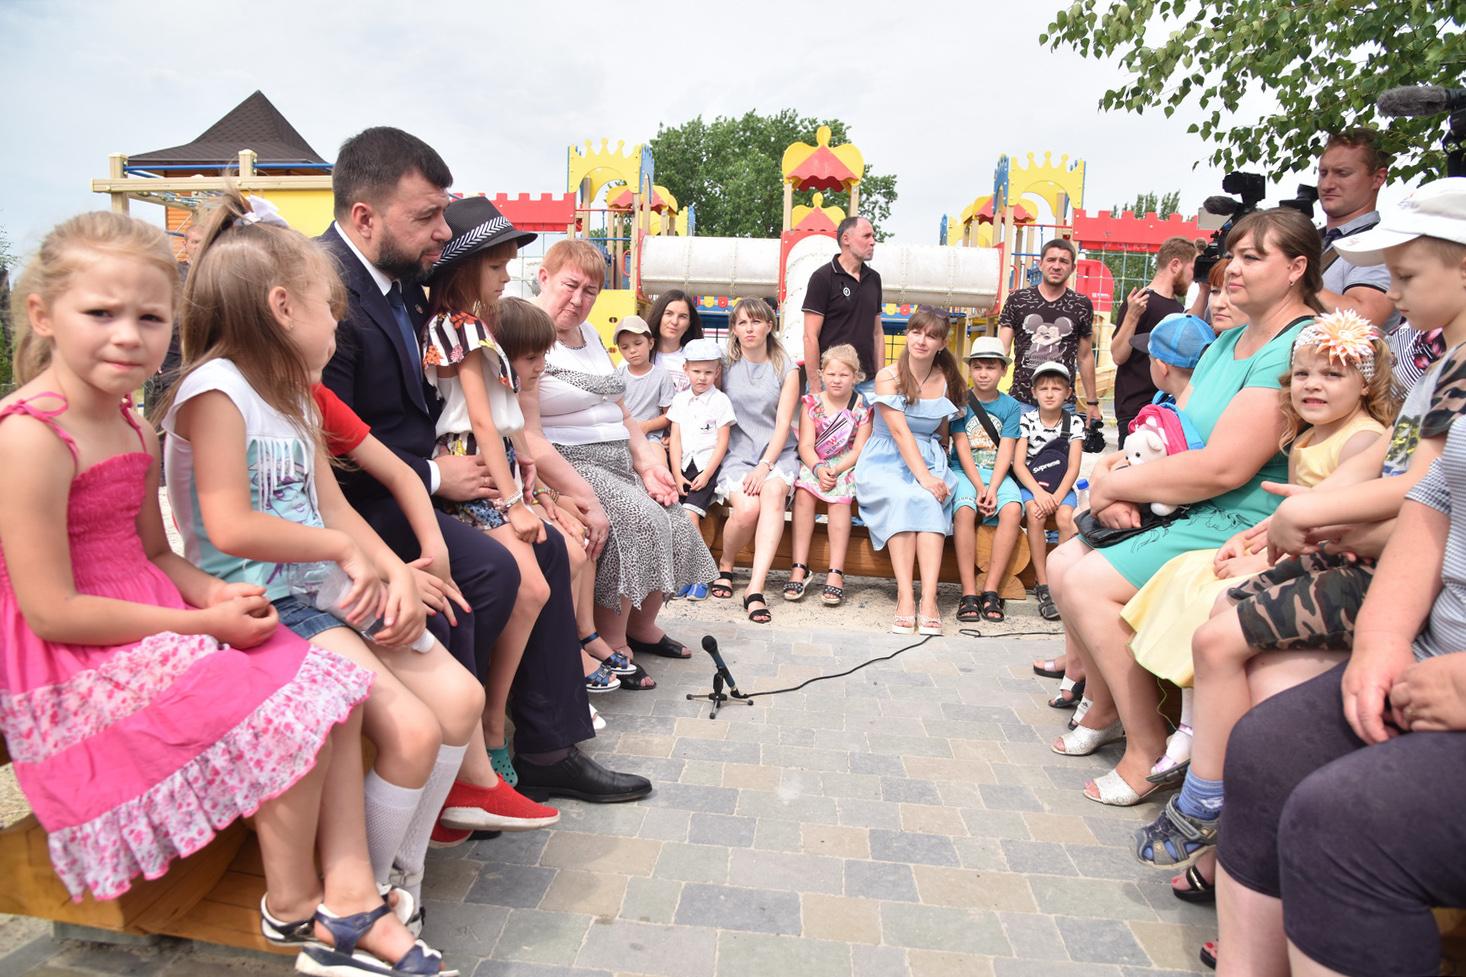 Дистанционное обучение, увеличение пособий на детей, работа «Стирола»: Денис Пушилин ответил на вопросы жителей Горловки